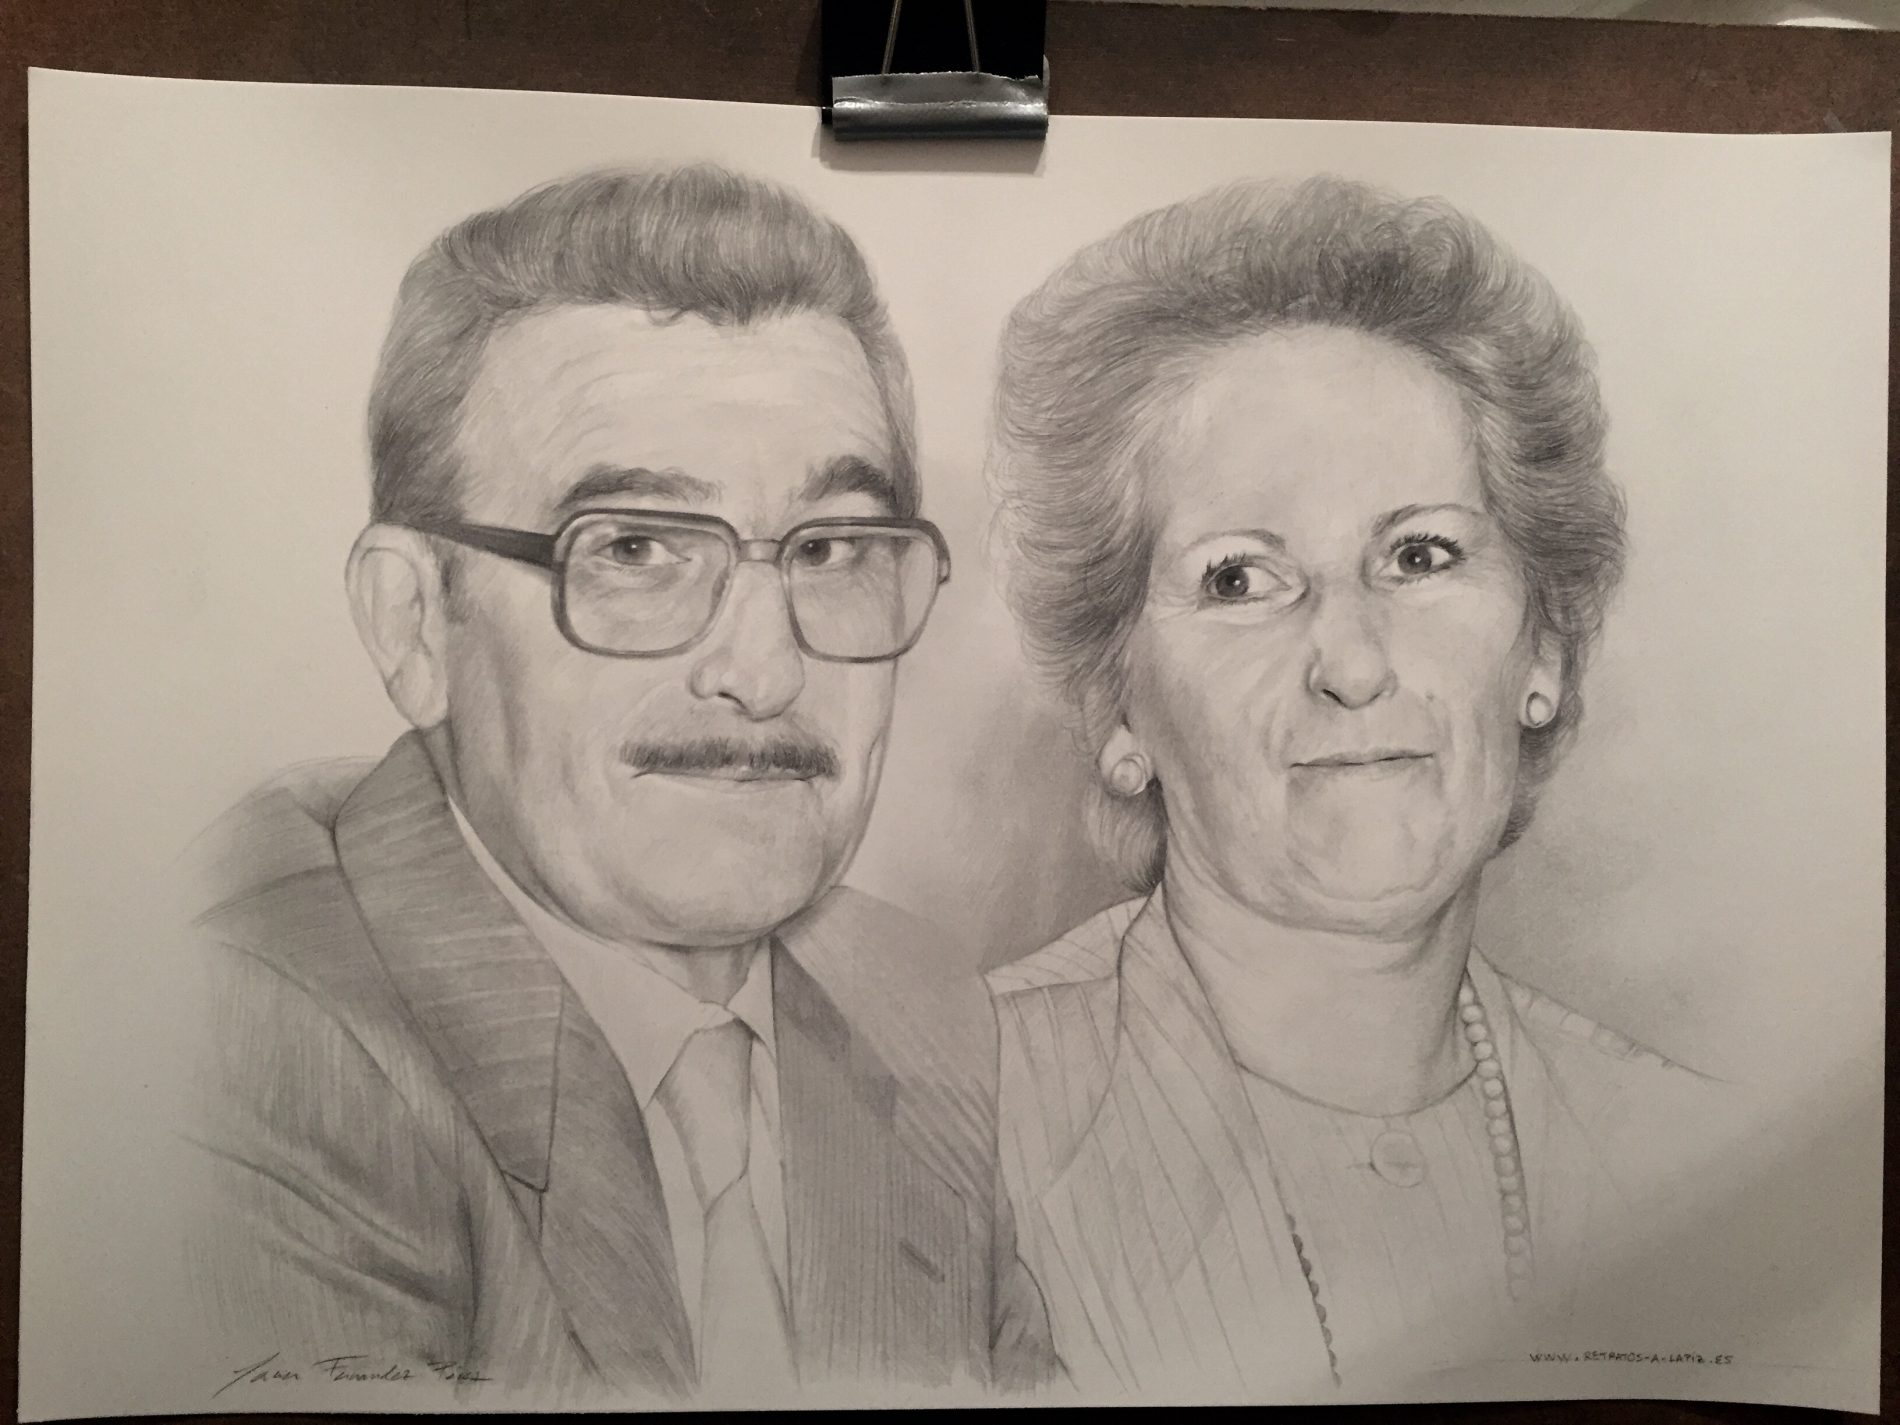 retratos-por-encargo-71-e1488871273711